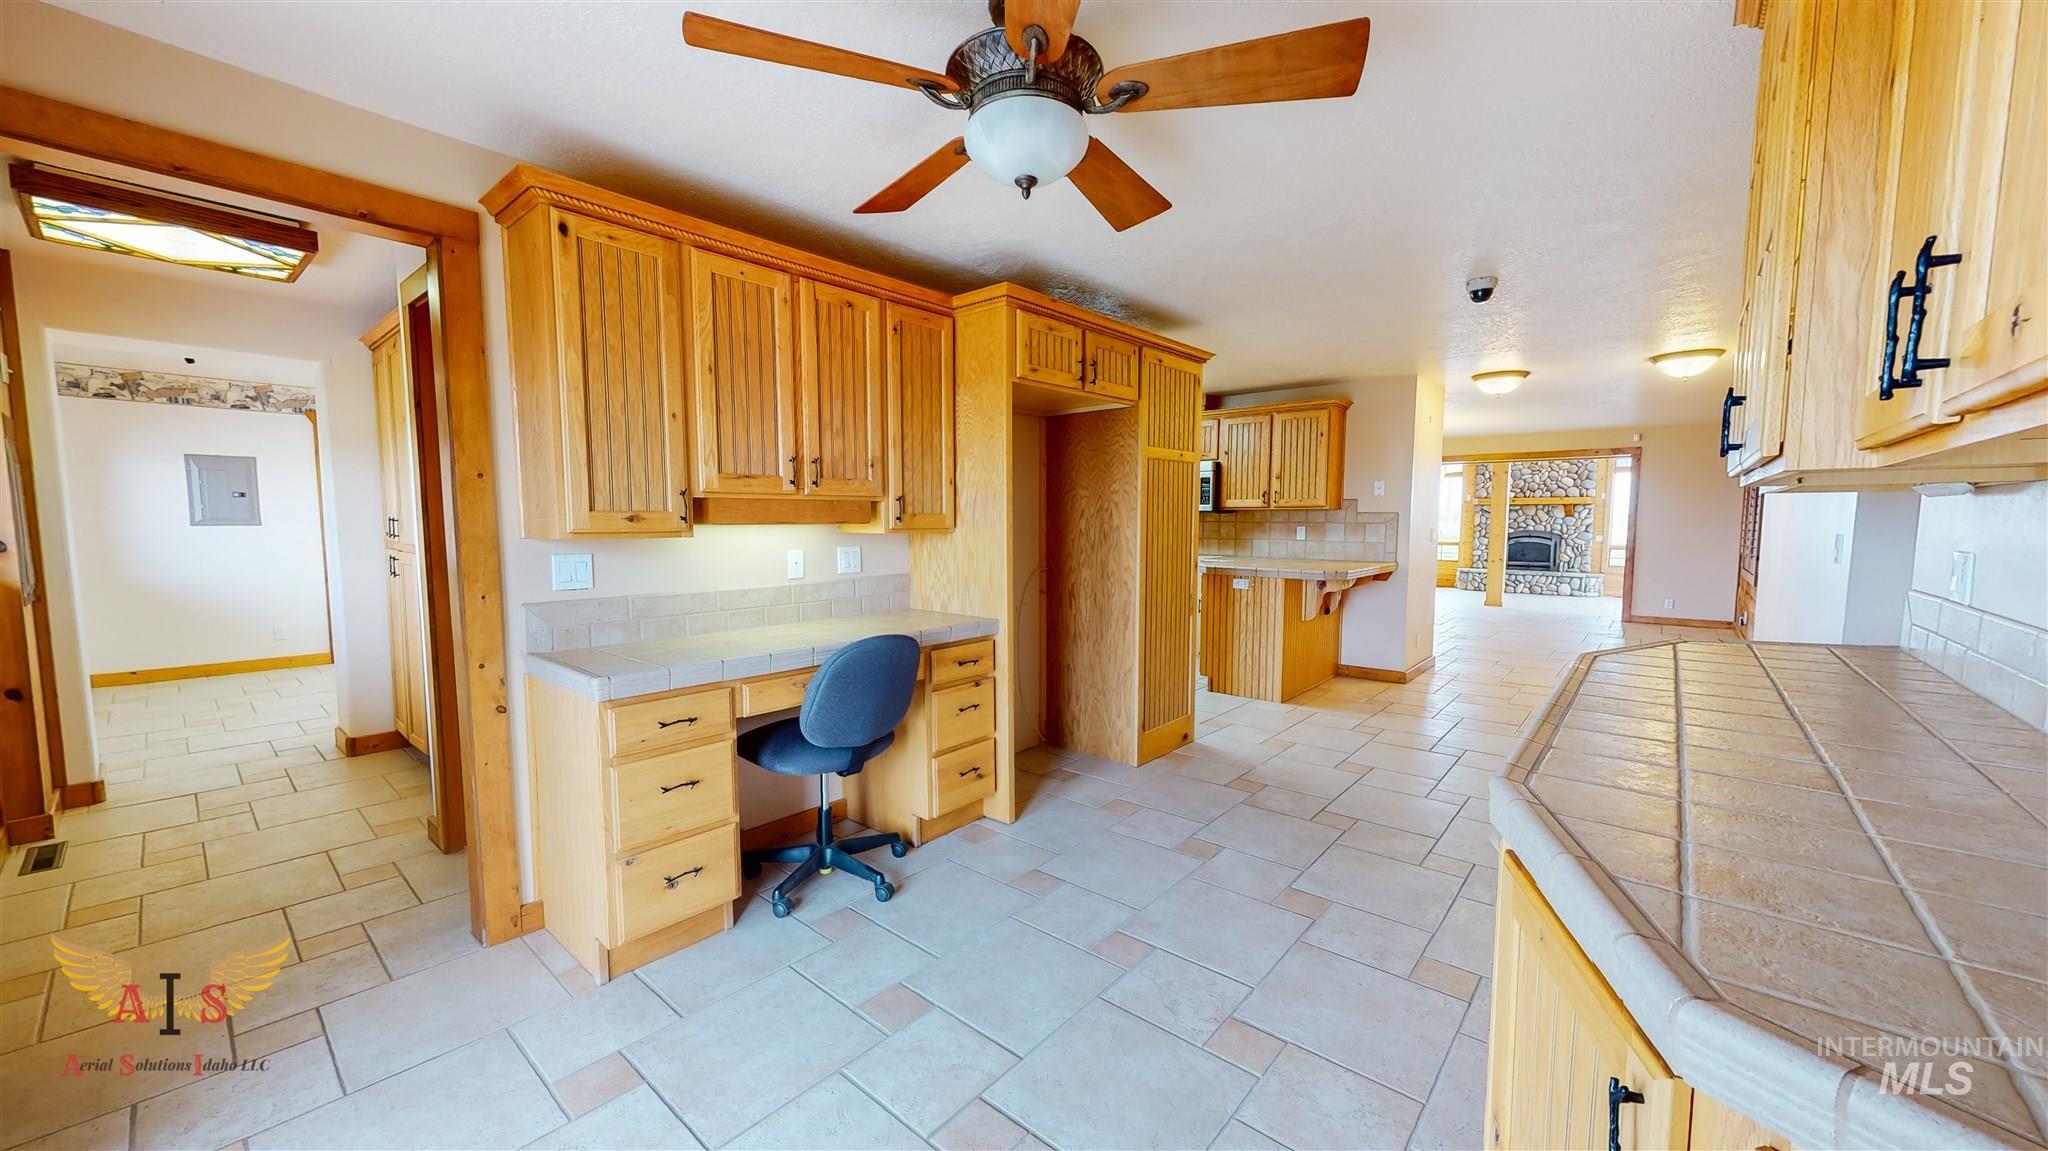 352 S 500 W Property Photo 9